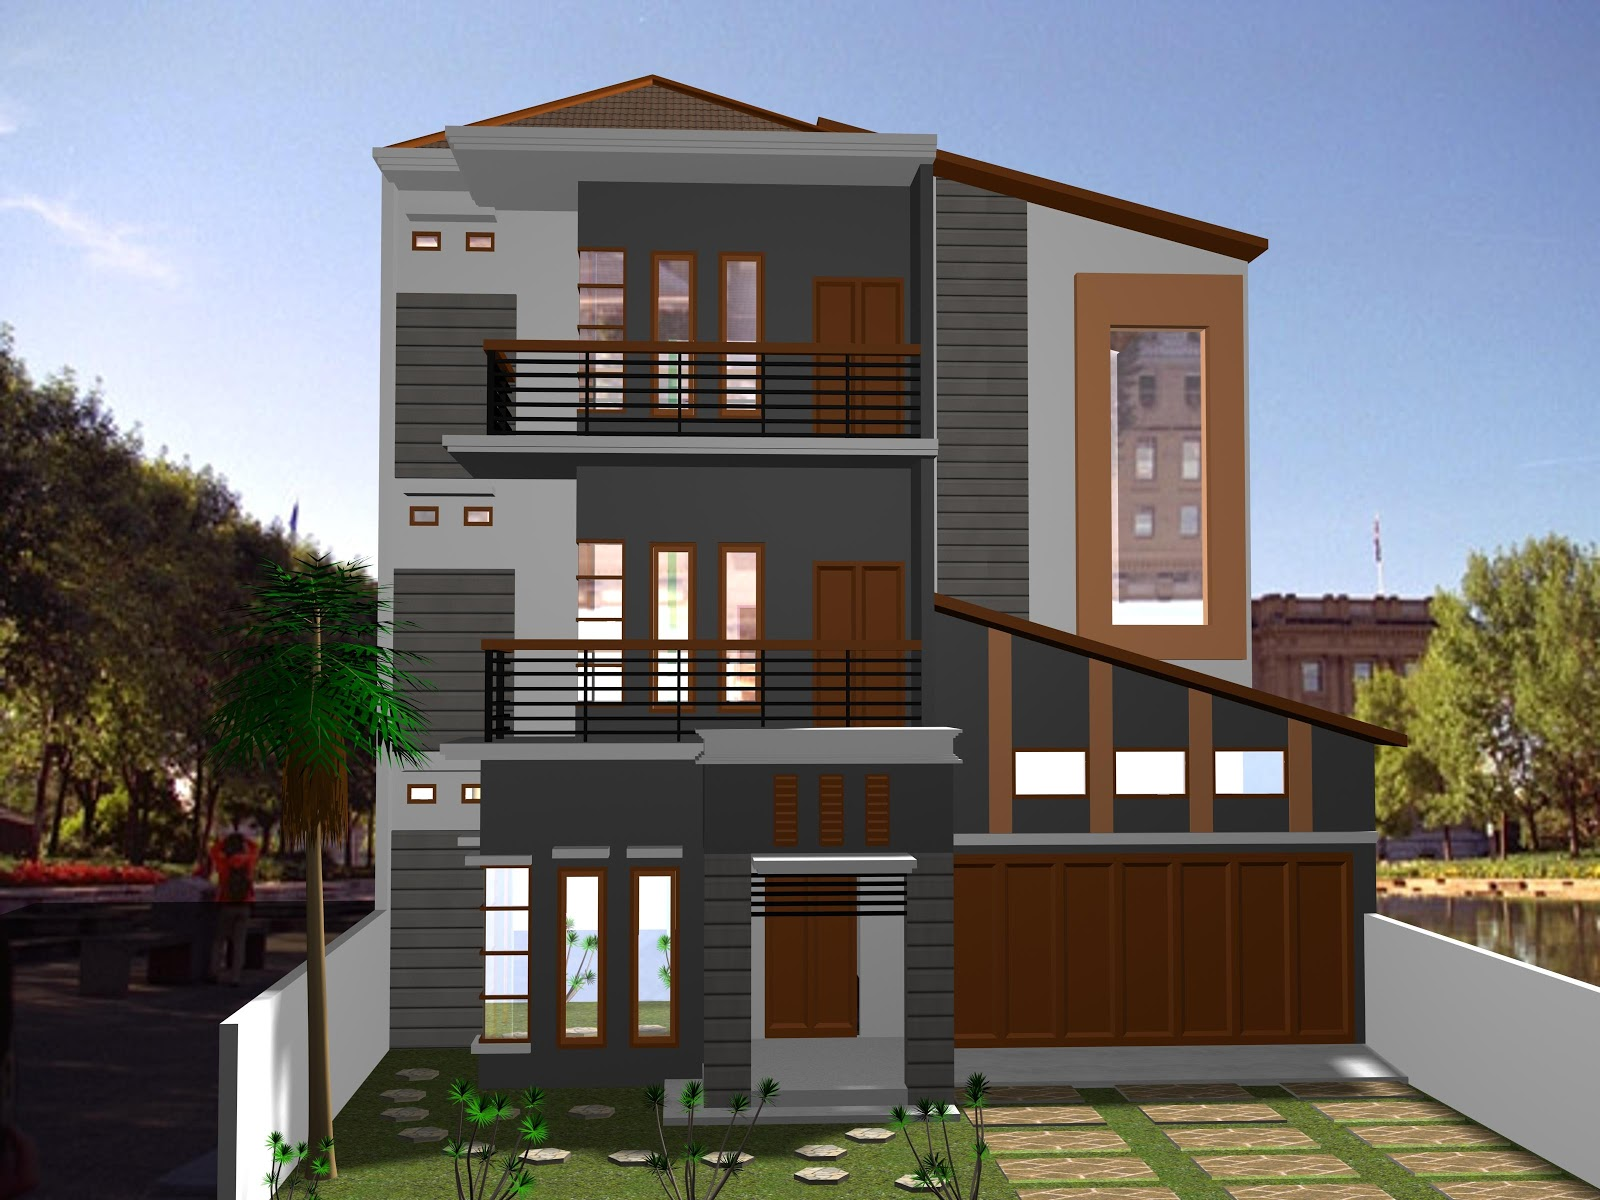 Gambar Desain Rumah Minimalis 3 Lantai 2017